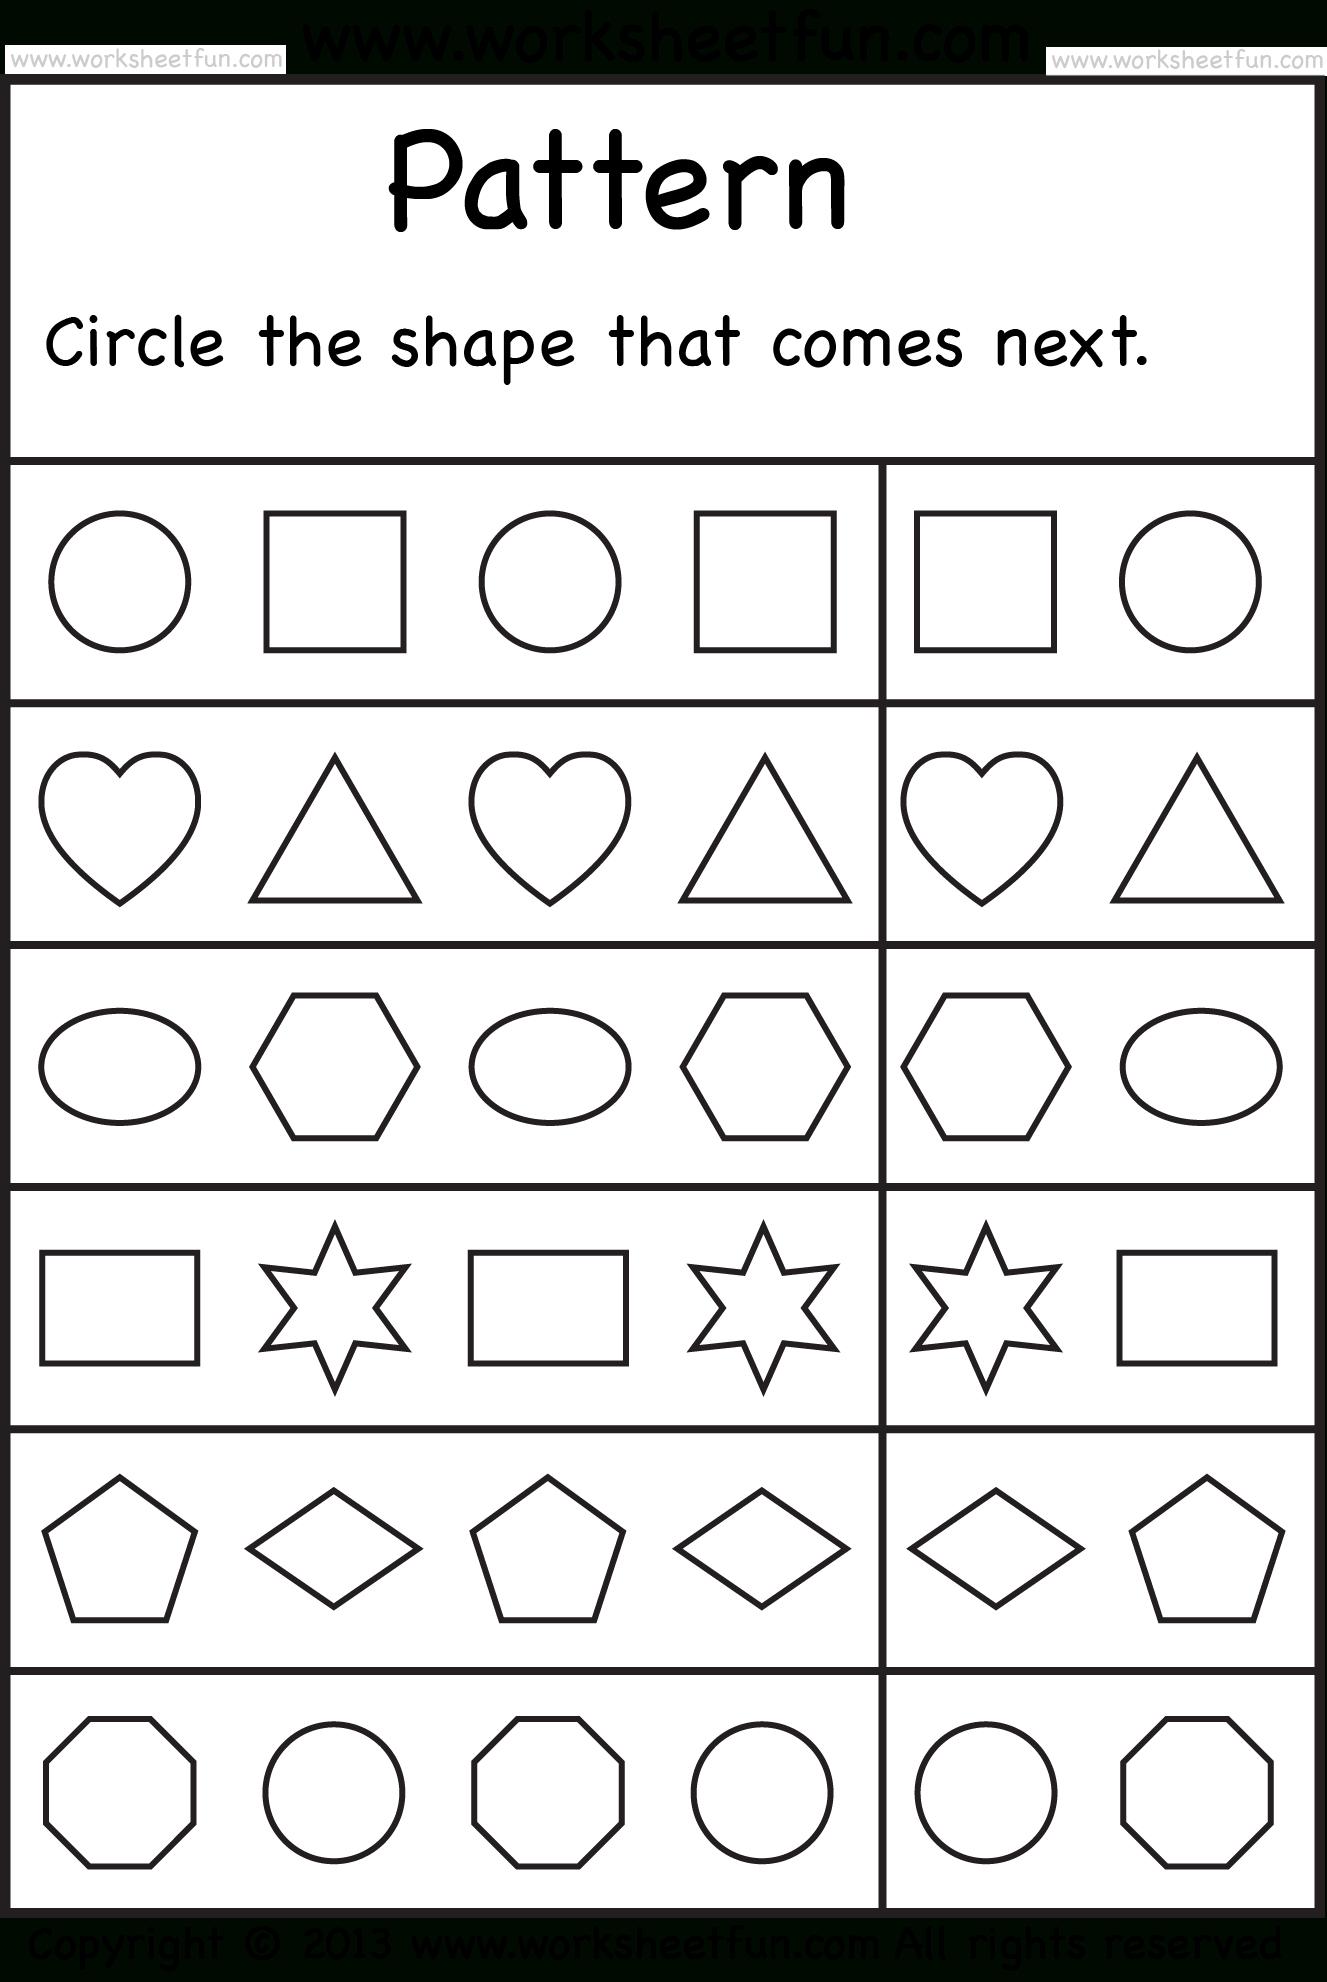 Free Printable Worksheets – Worksheetfun / Free Printable | Kindergarten Homework Printable Worksheets